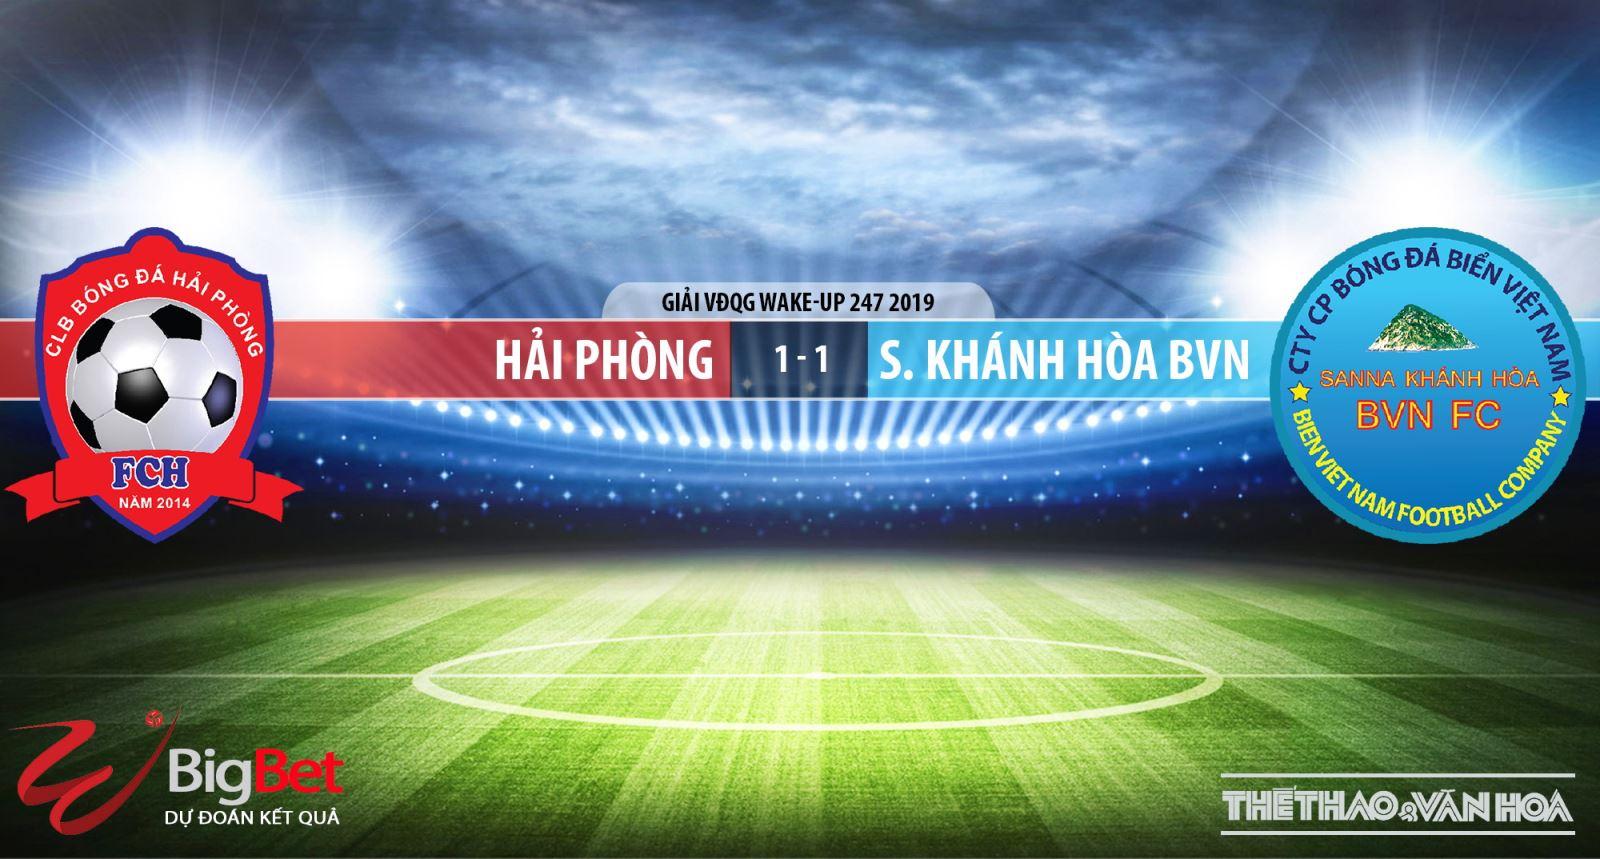 VTV6, VTV5, Bóng đá TV, TTTV, FPT Play, V League, Hải Phòng vs Khánh Hòa BVN, Quảng Nam vs Đà Nẵng, Sài Gòn vs HAGL, Nam Định vs TPHCM, Bình Dương vs SLNA, Thanh Hóa vs Than Quảng Ninh, Hà Nội vs Viettel